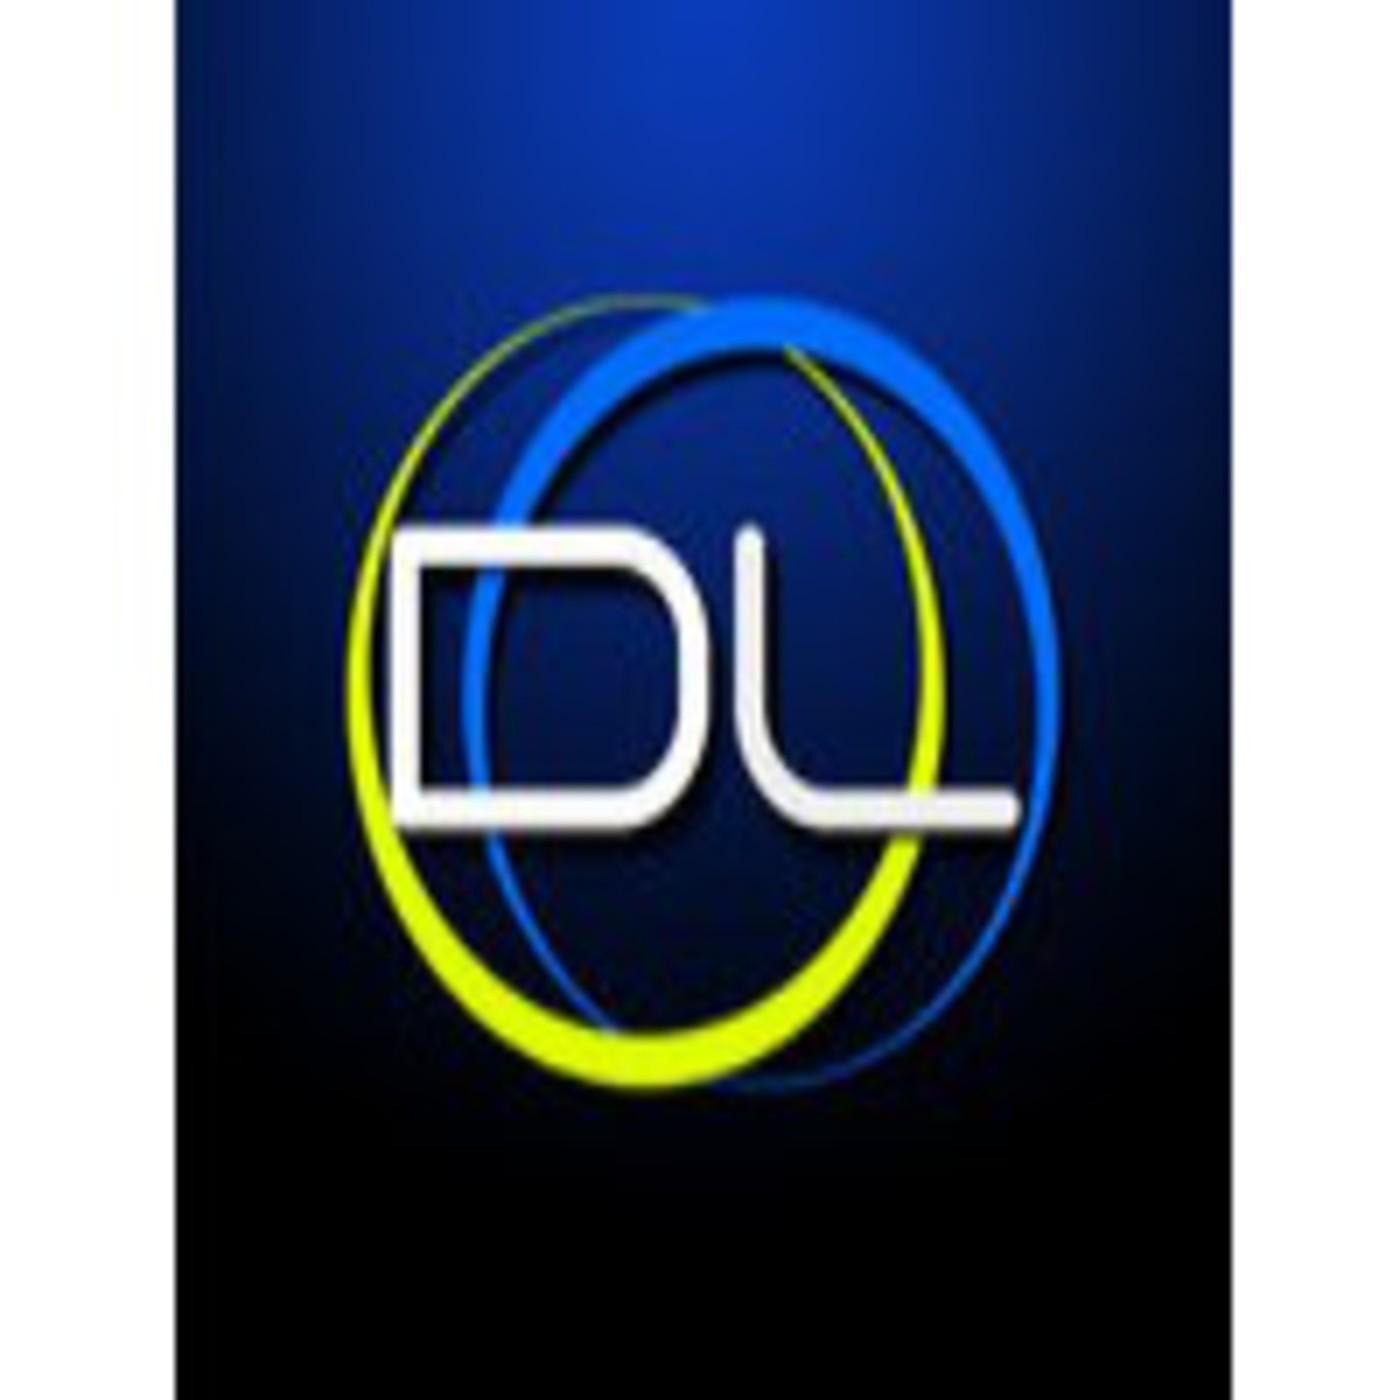 DL -30- Global Chase, espionaje en nuestros días + Las estrategias de manipulación en los medios + Los pseudo-escépticos